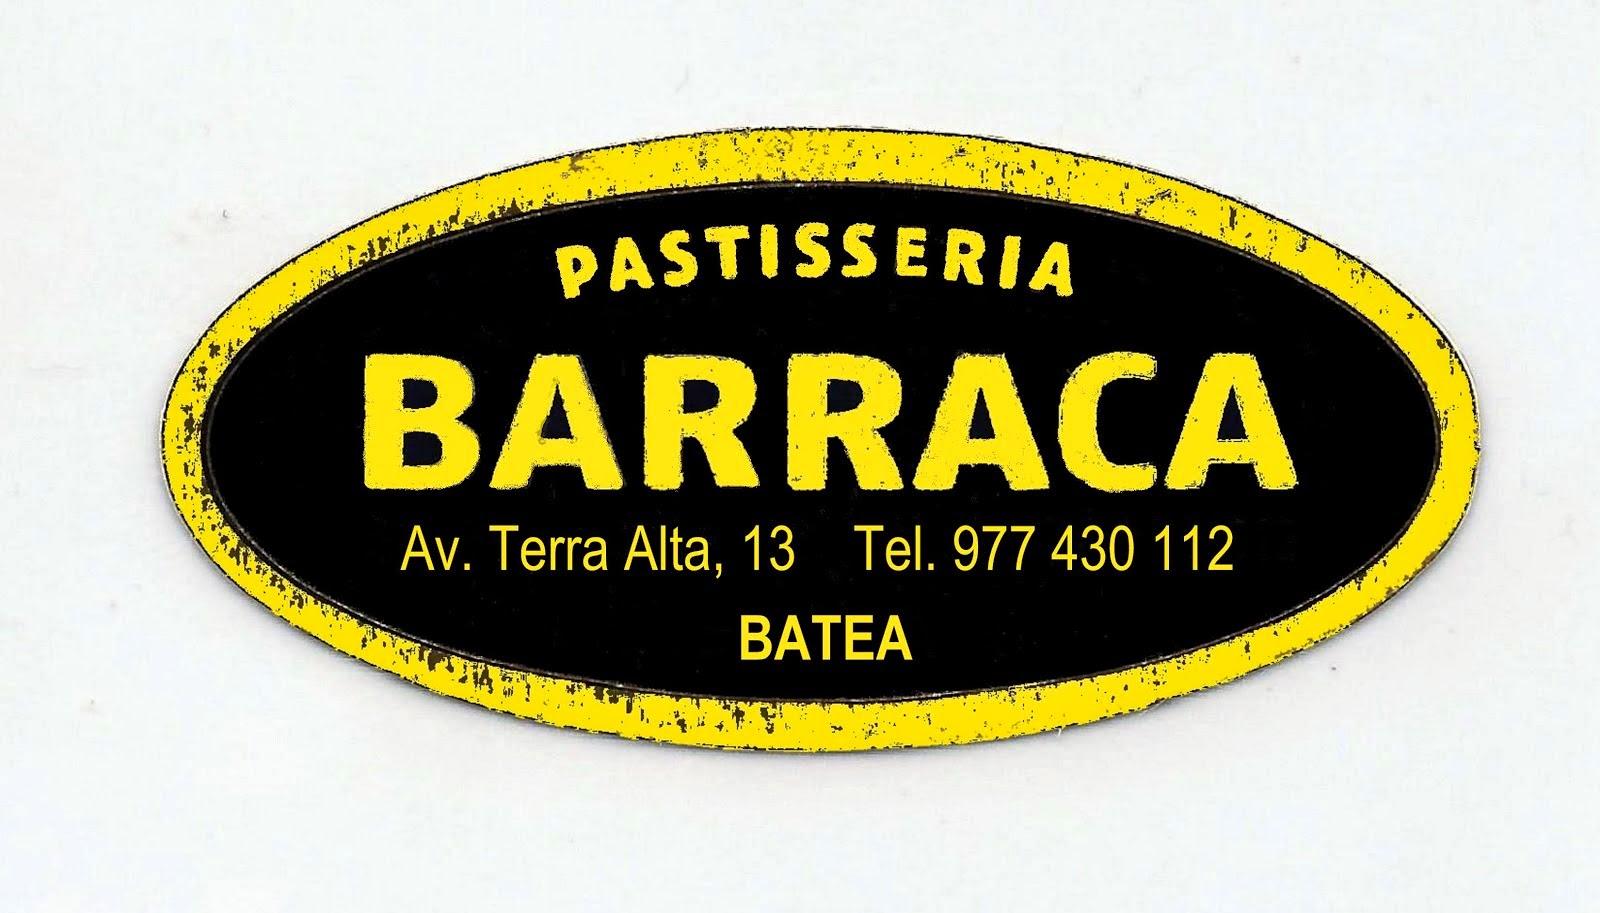 Pastisseria Barraca